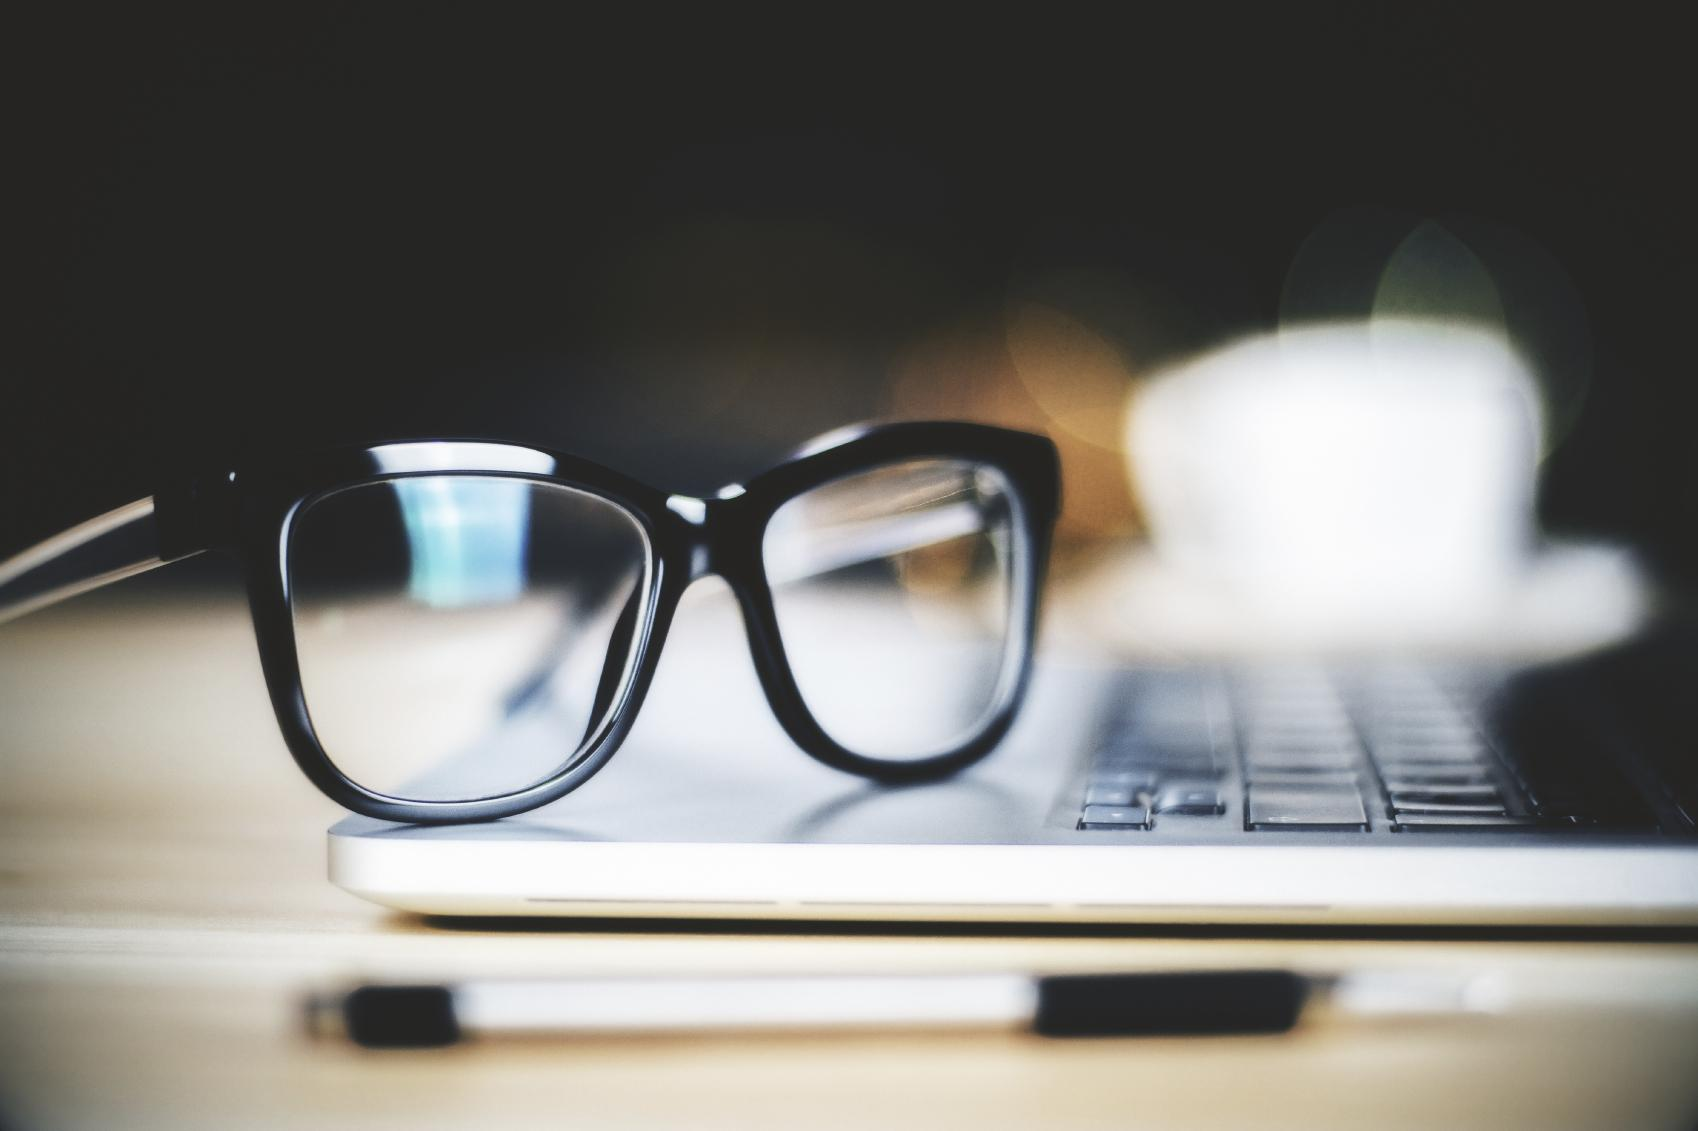 Gafas sobre teclado de ordenador